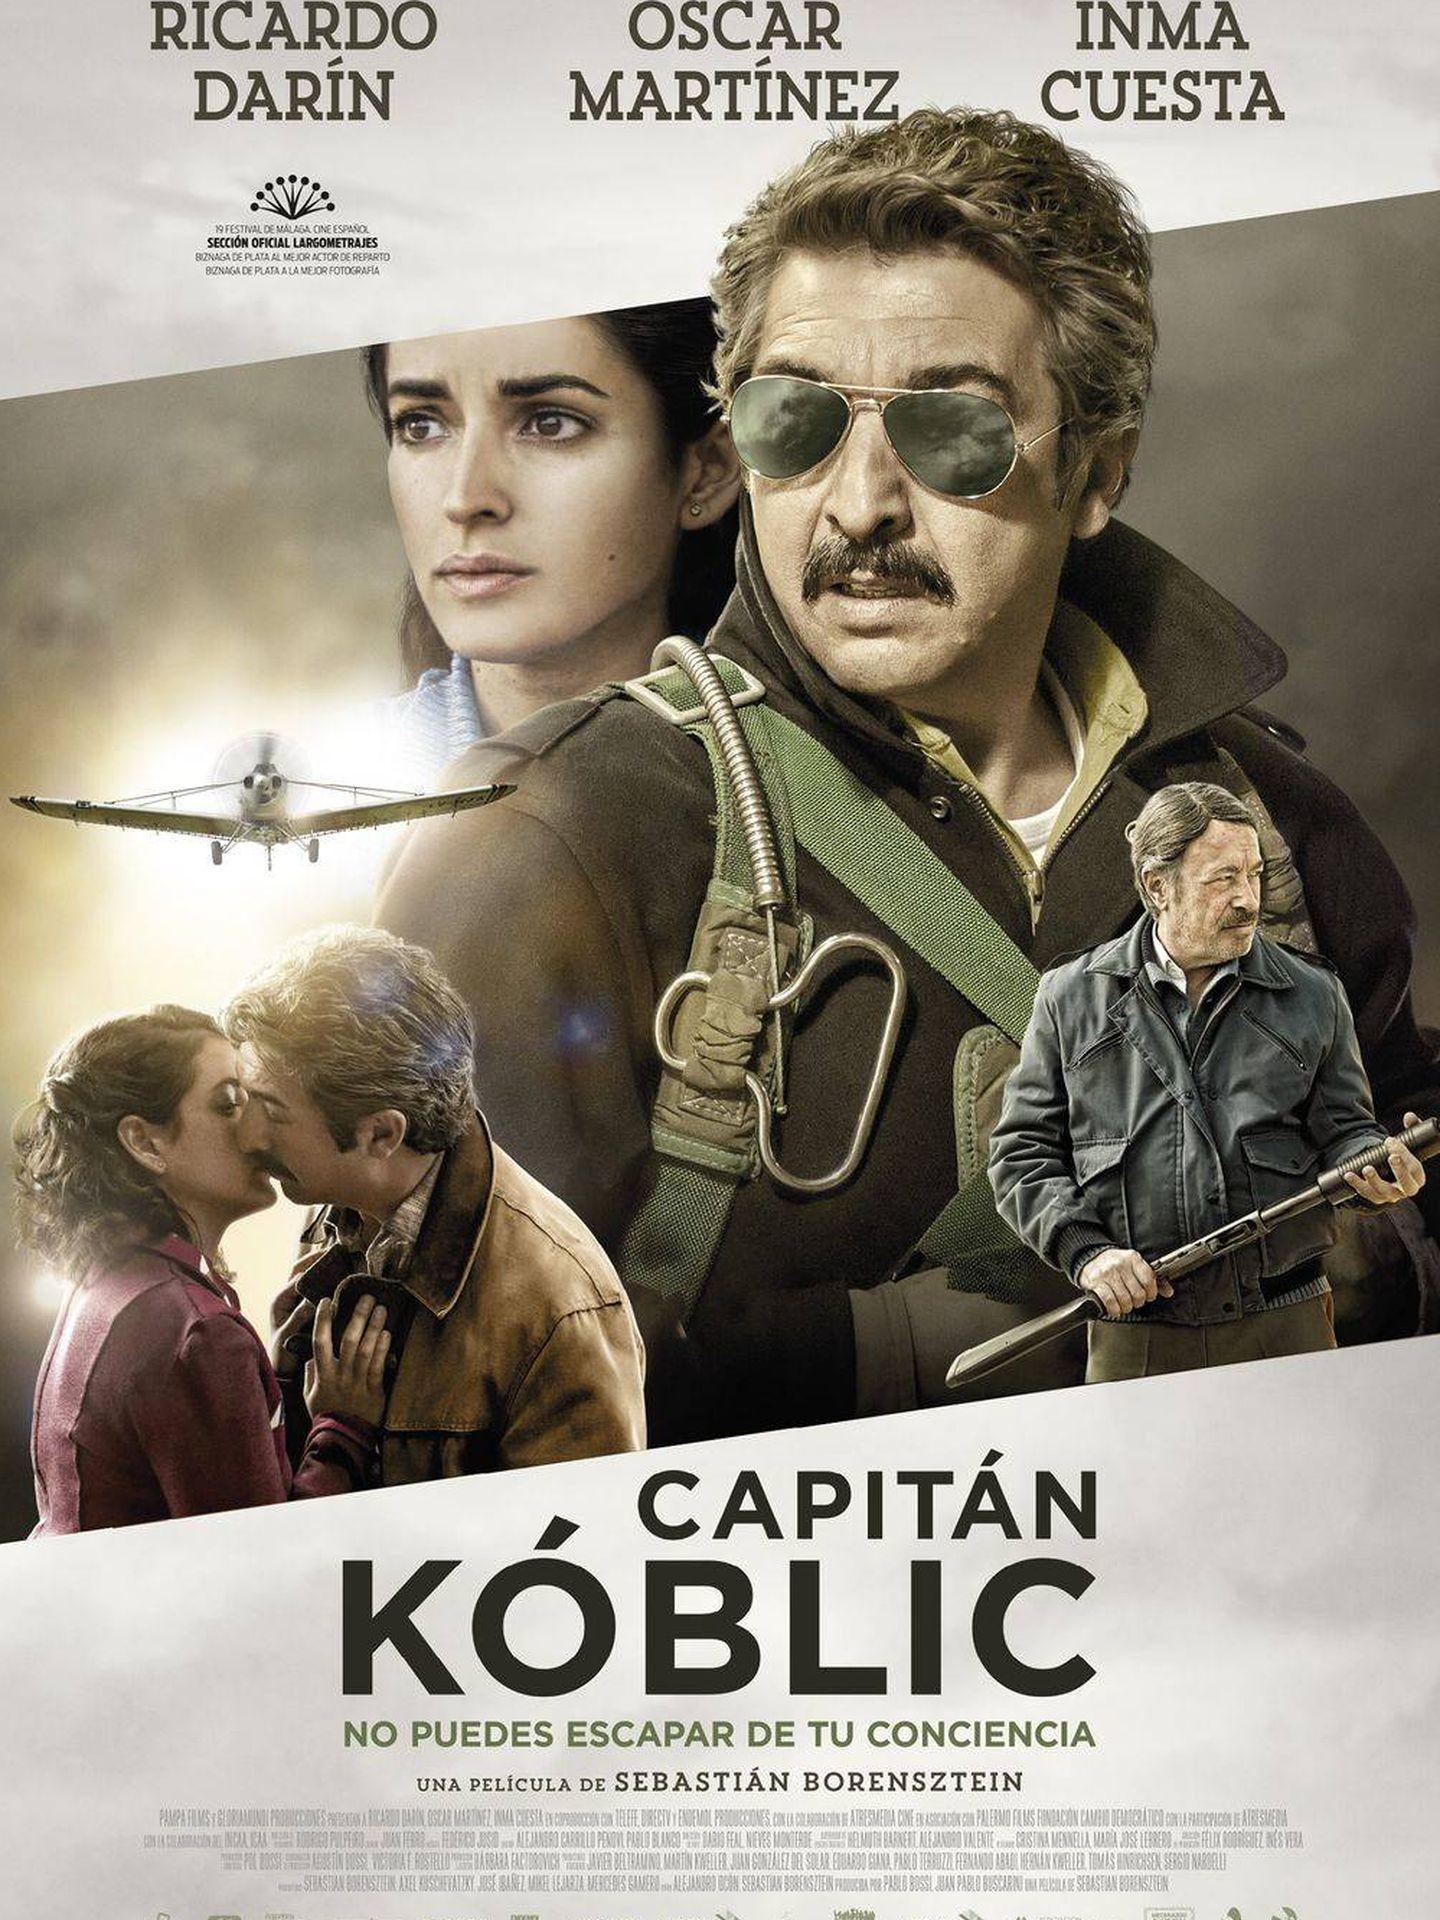 Cartel de 'Capitán Kóblic'.